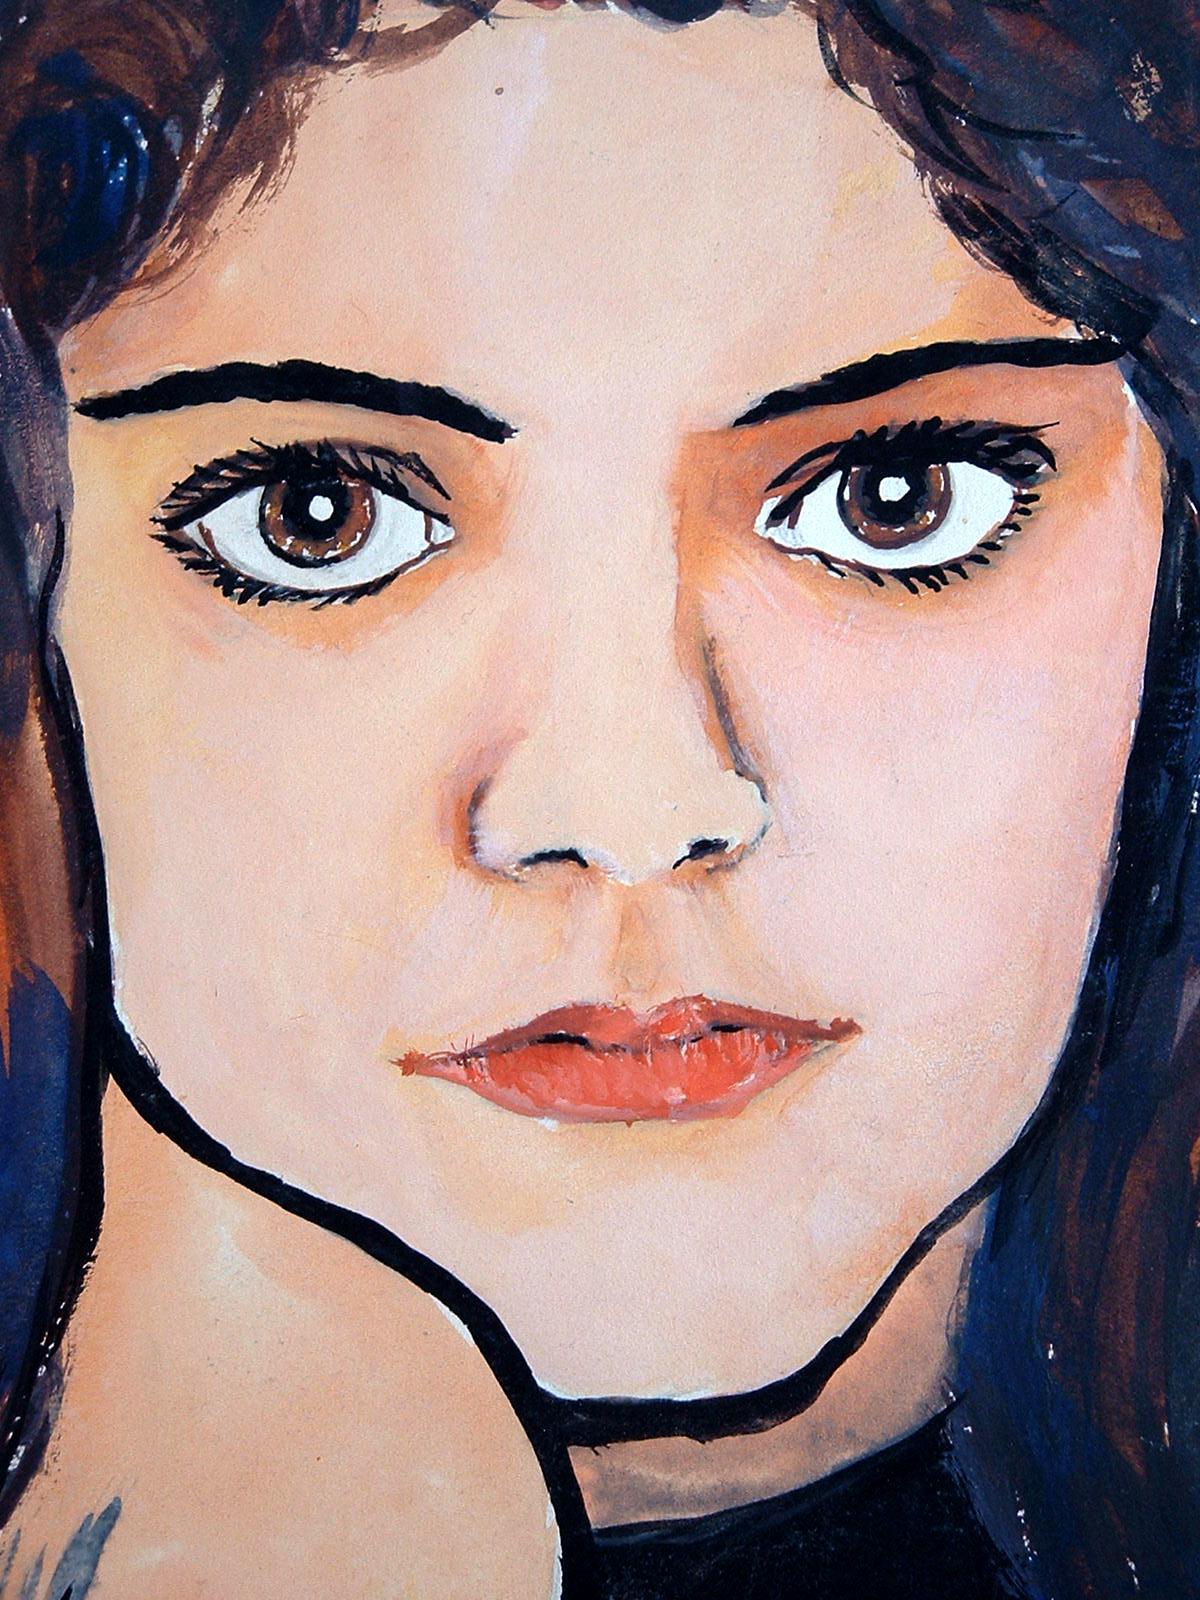 Autorretrato con acuarelas de Cristina Alejos